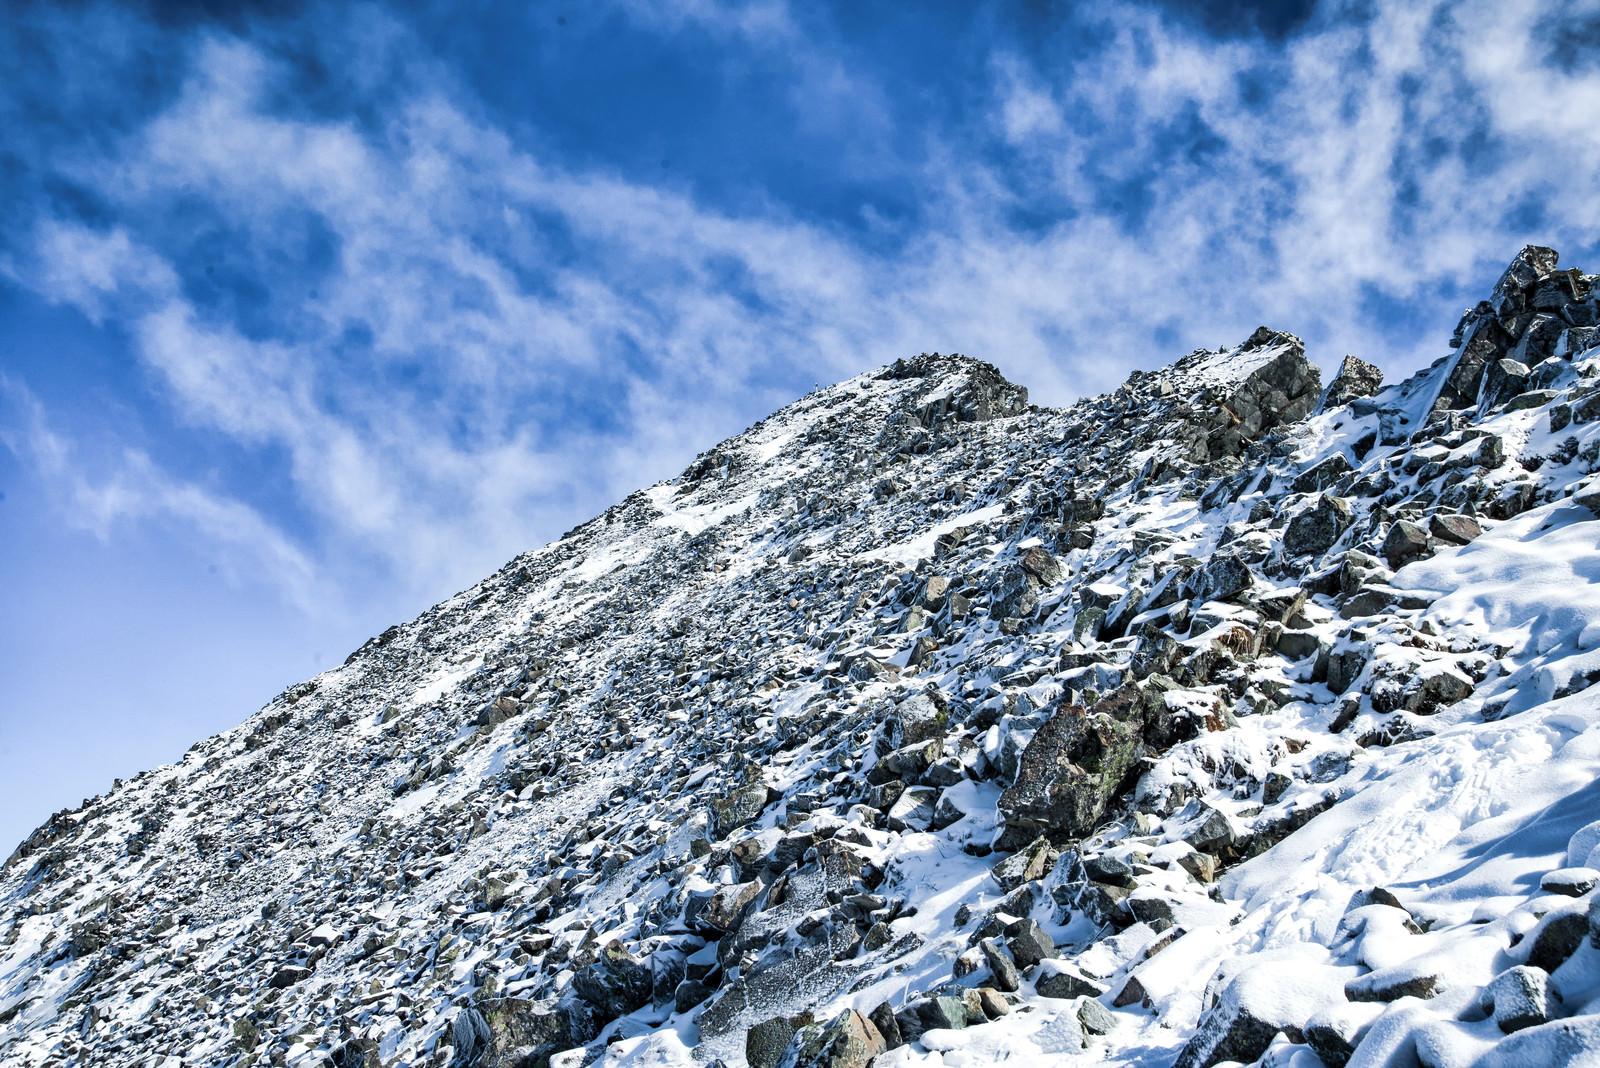 「雪残る涸沢岳頂上への道(北アルプス)」の写真